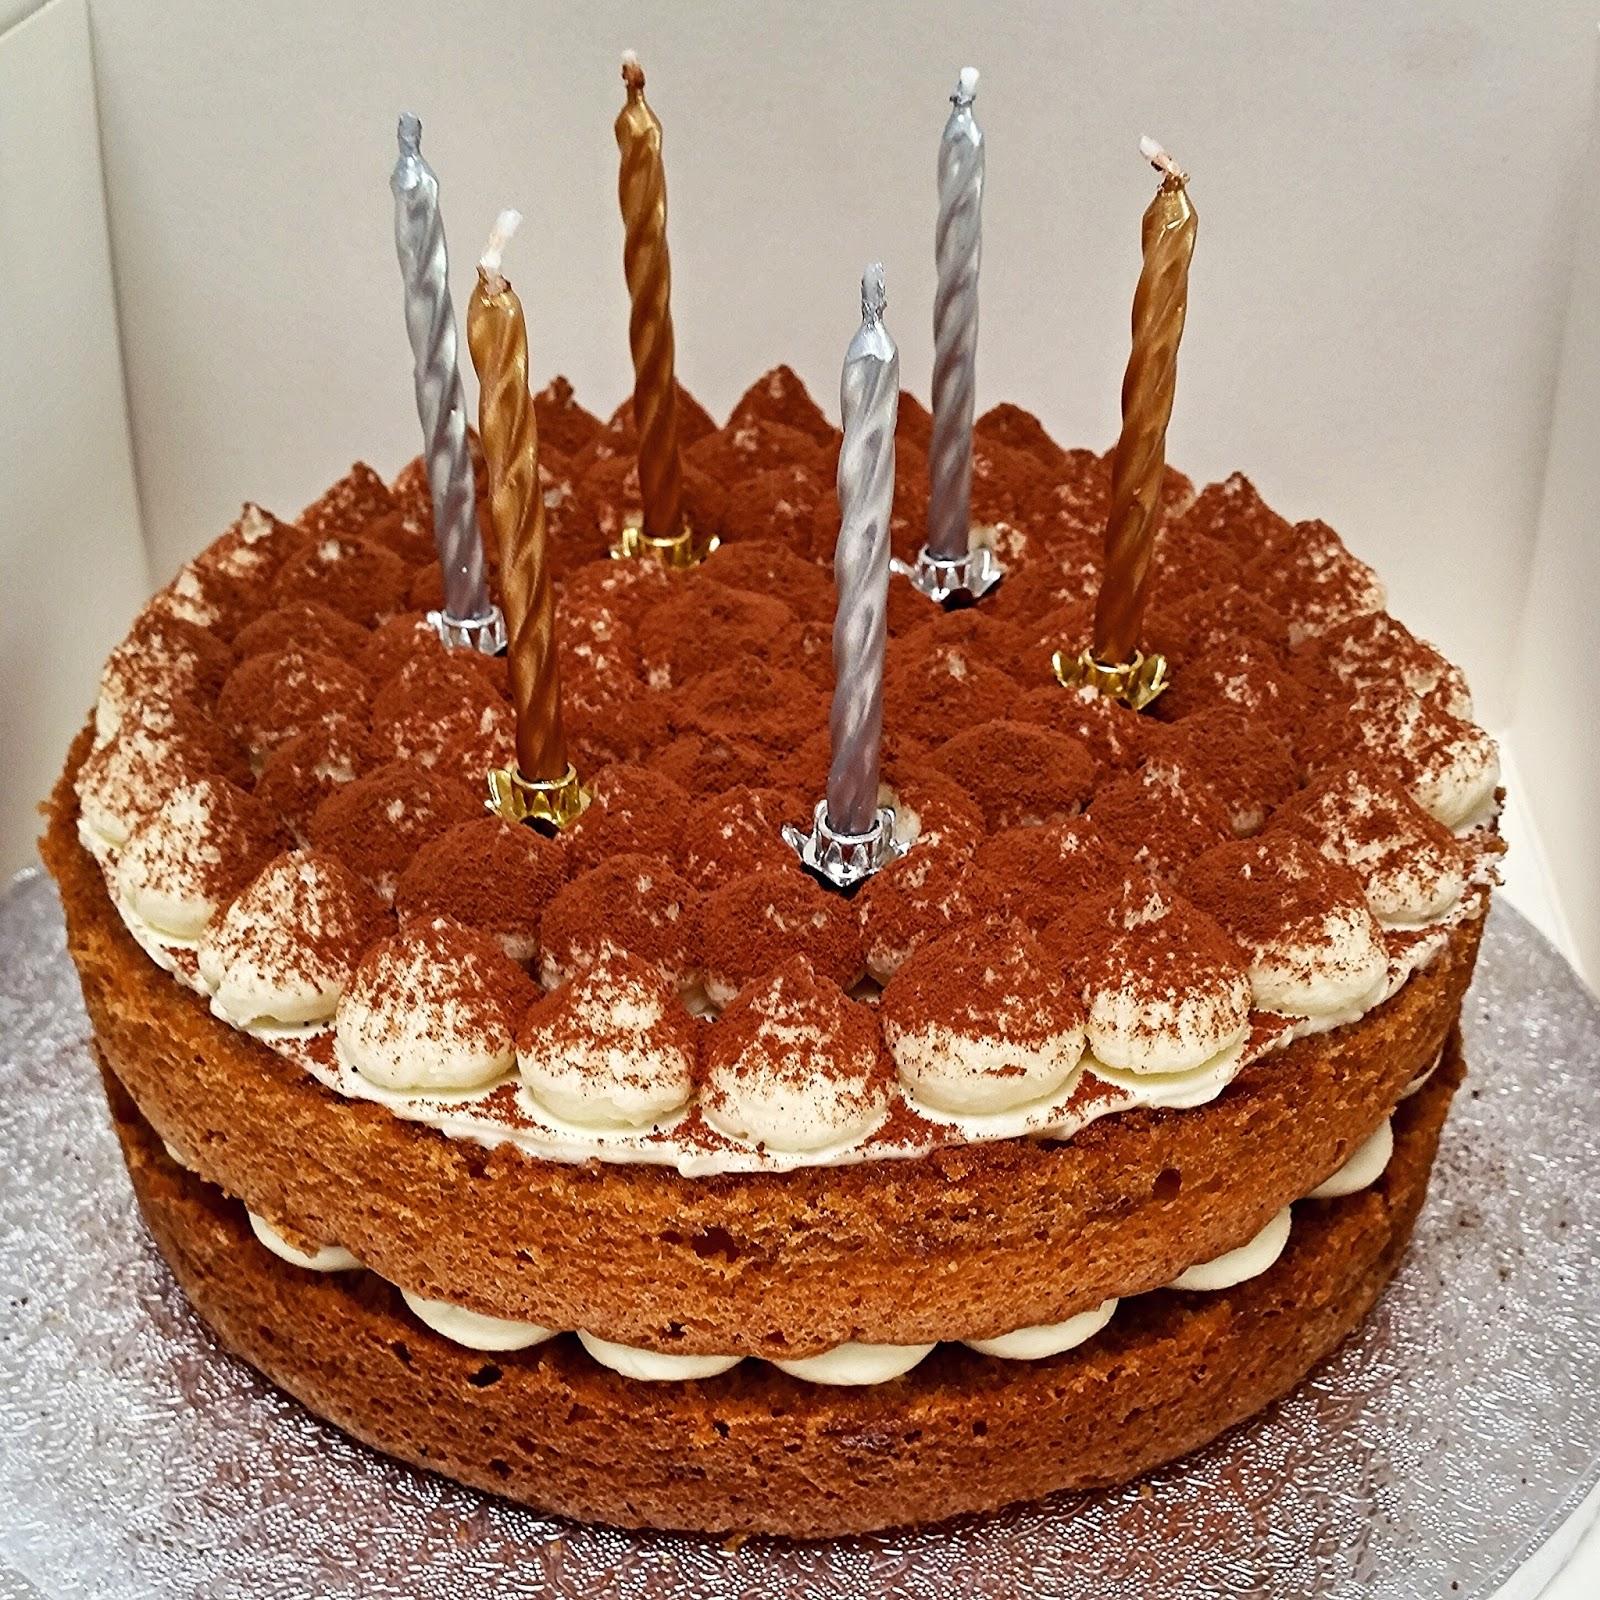 Tiramisu Cake For Angelinas Birthday